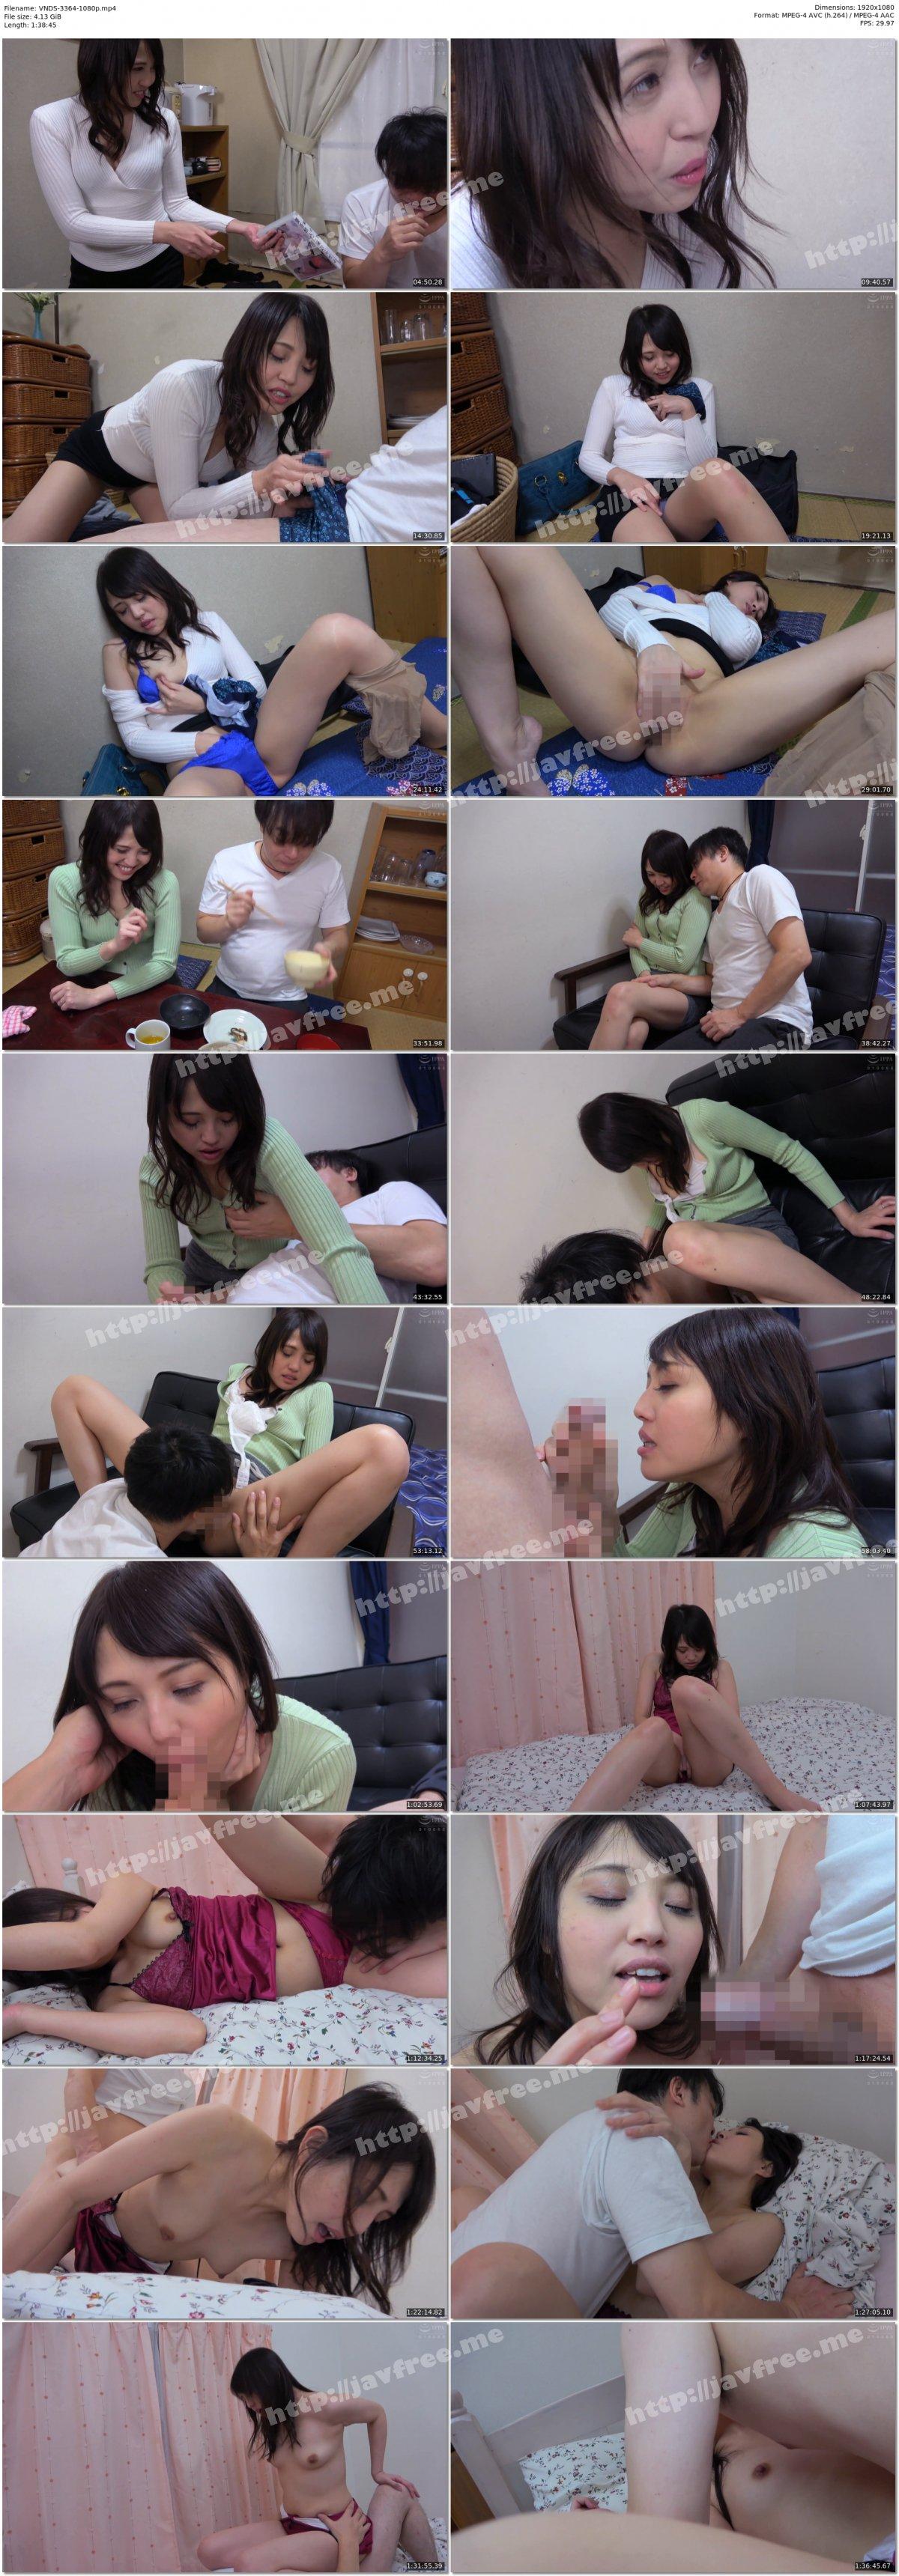 [HD][VNDS-3364] 嫁の居ぬ間に世話をしに来てくれた妻の姉と…吉瀬沙耶 - image VNDS-3364-1080p on https://javfree.me